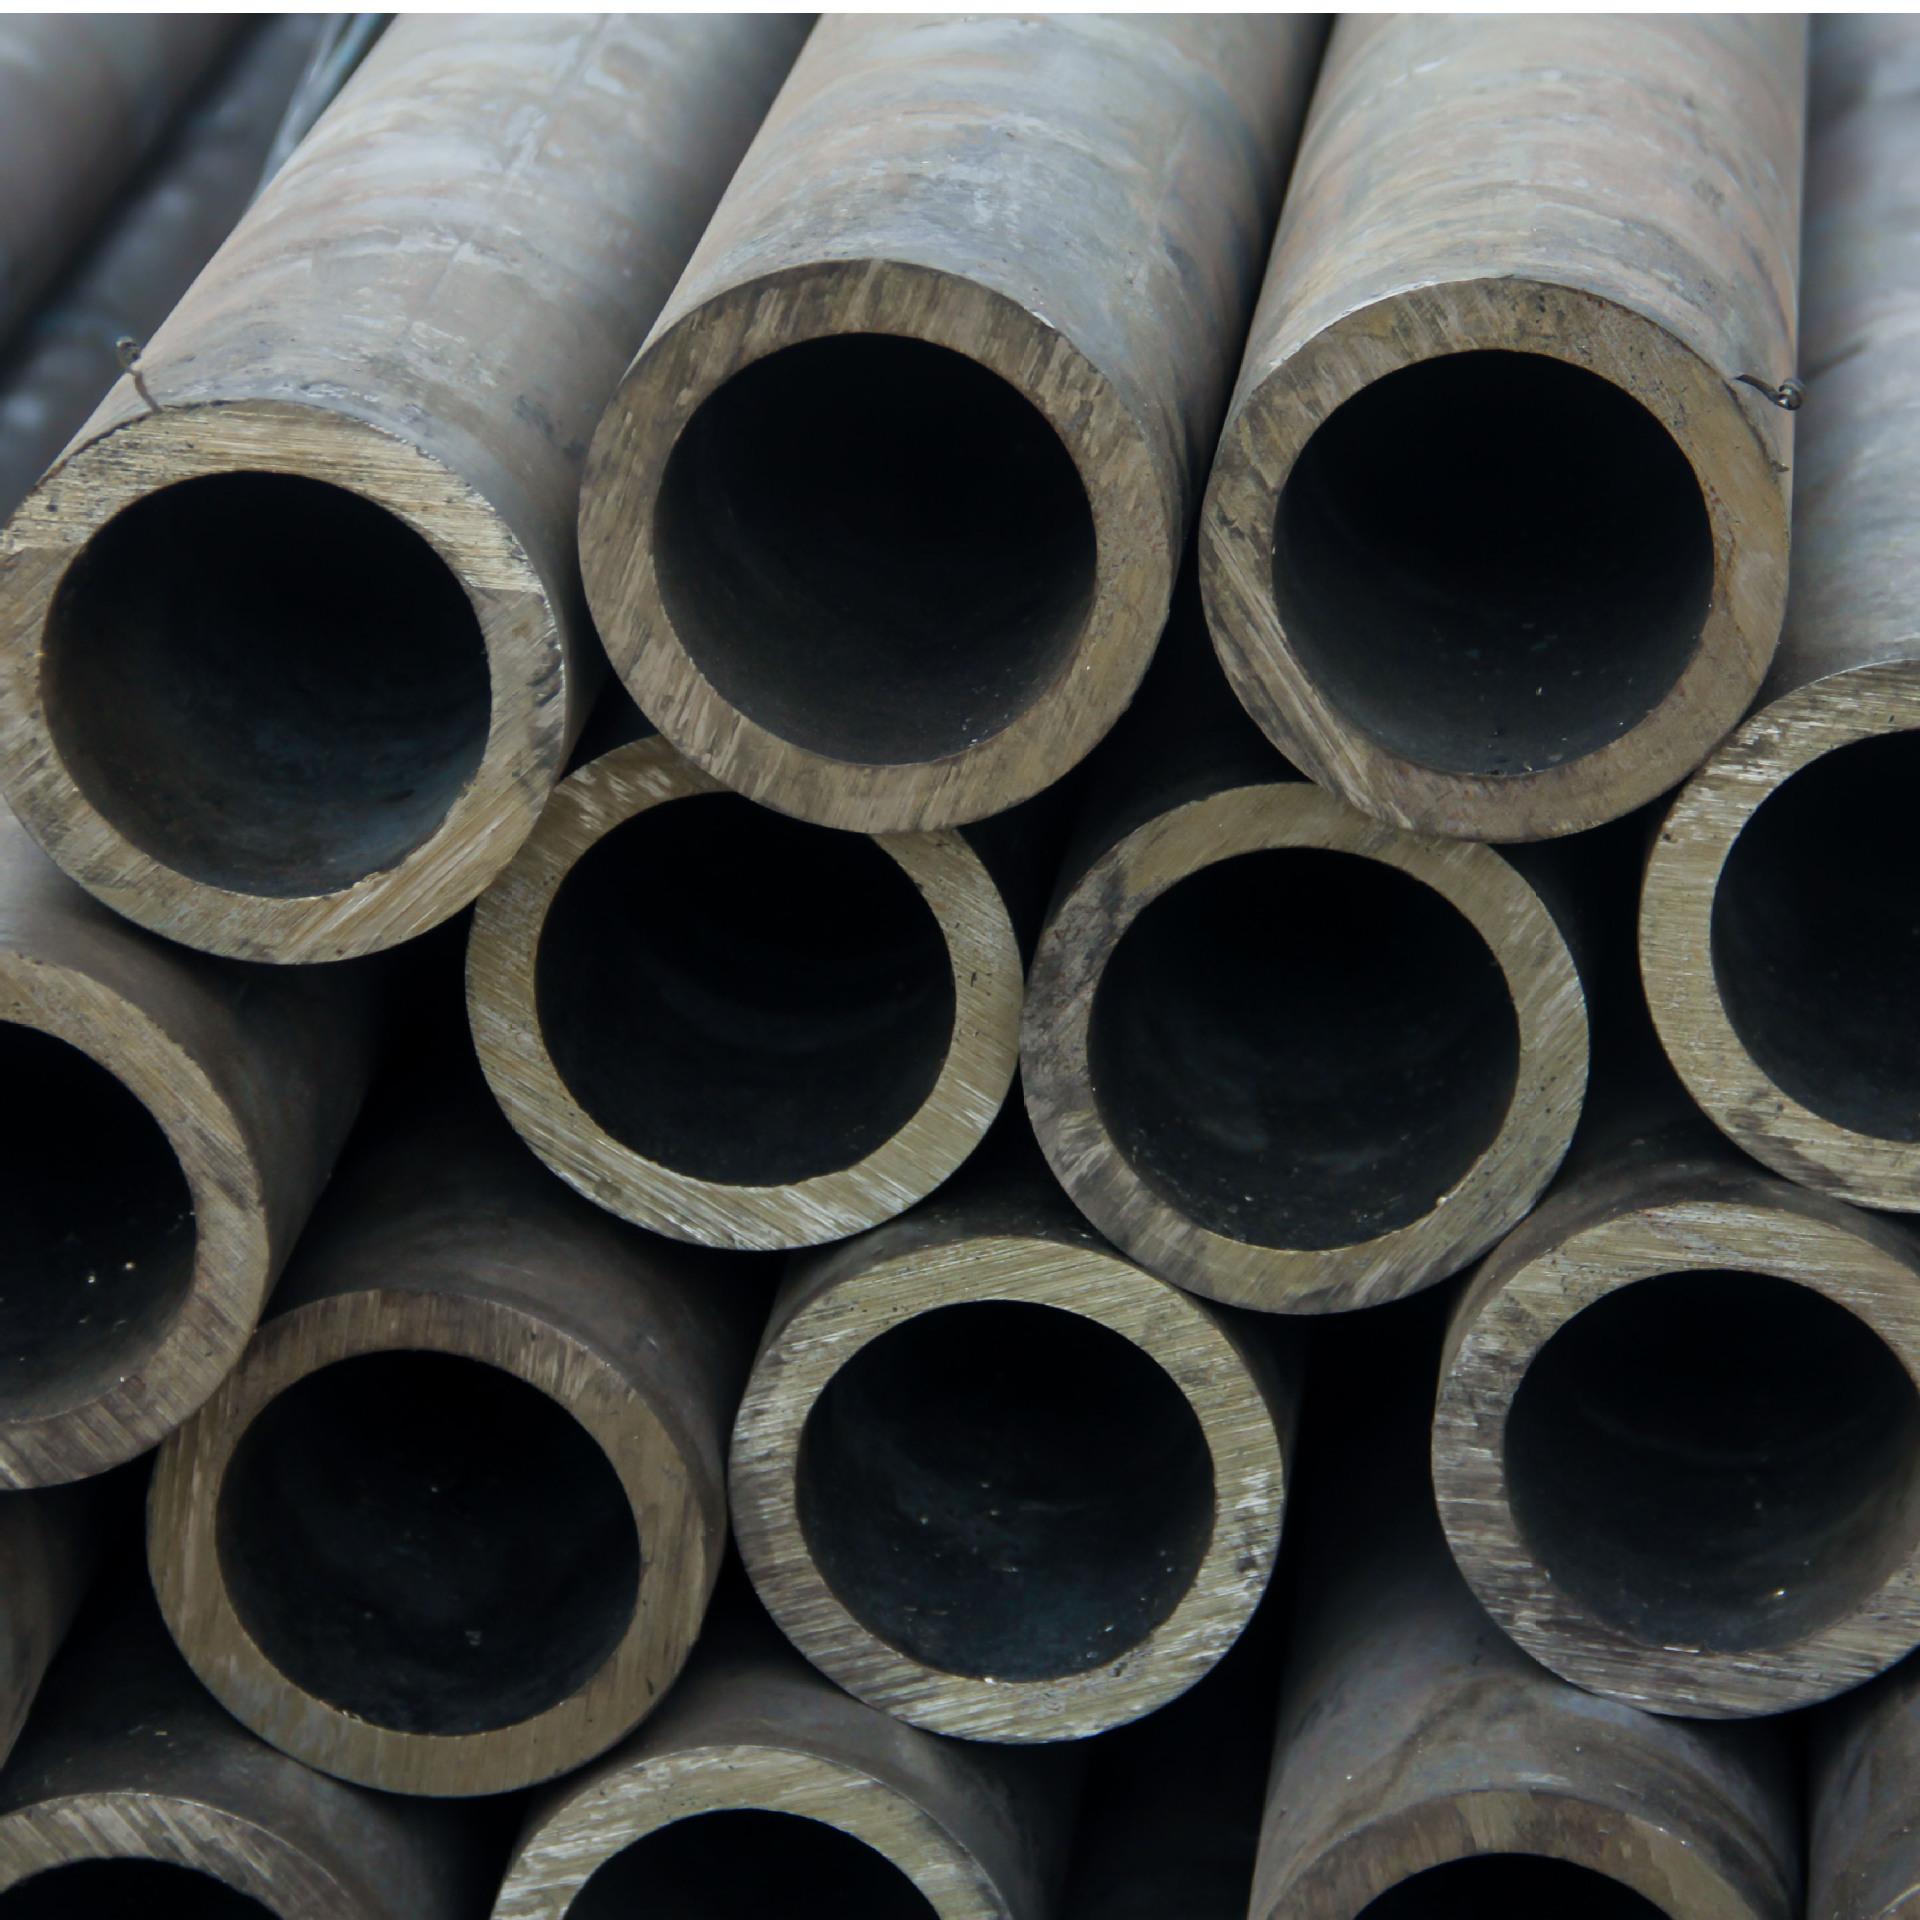 无缝管 公司供应20无缝管,Q345E无缝钢管,Q345C无缝钢管,Q345C无缝管等